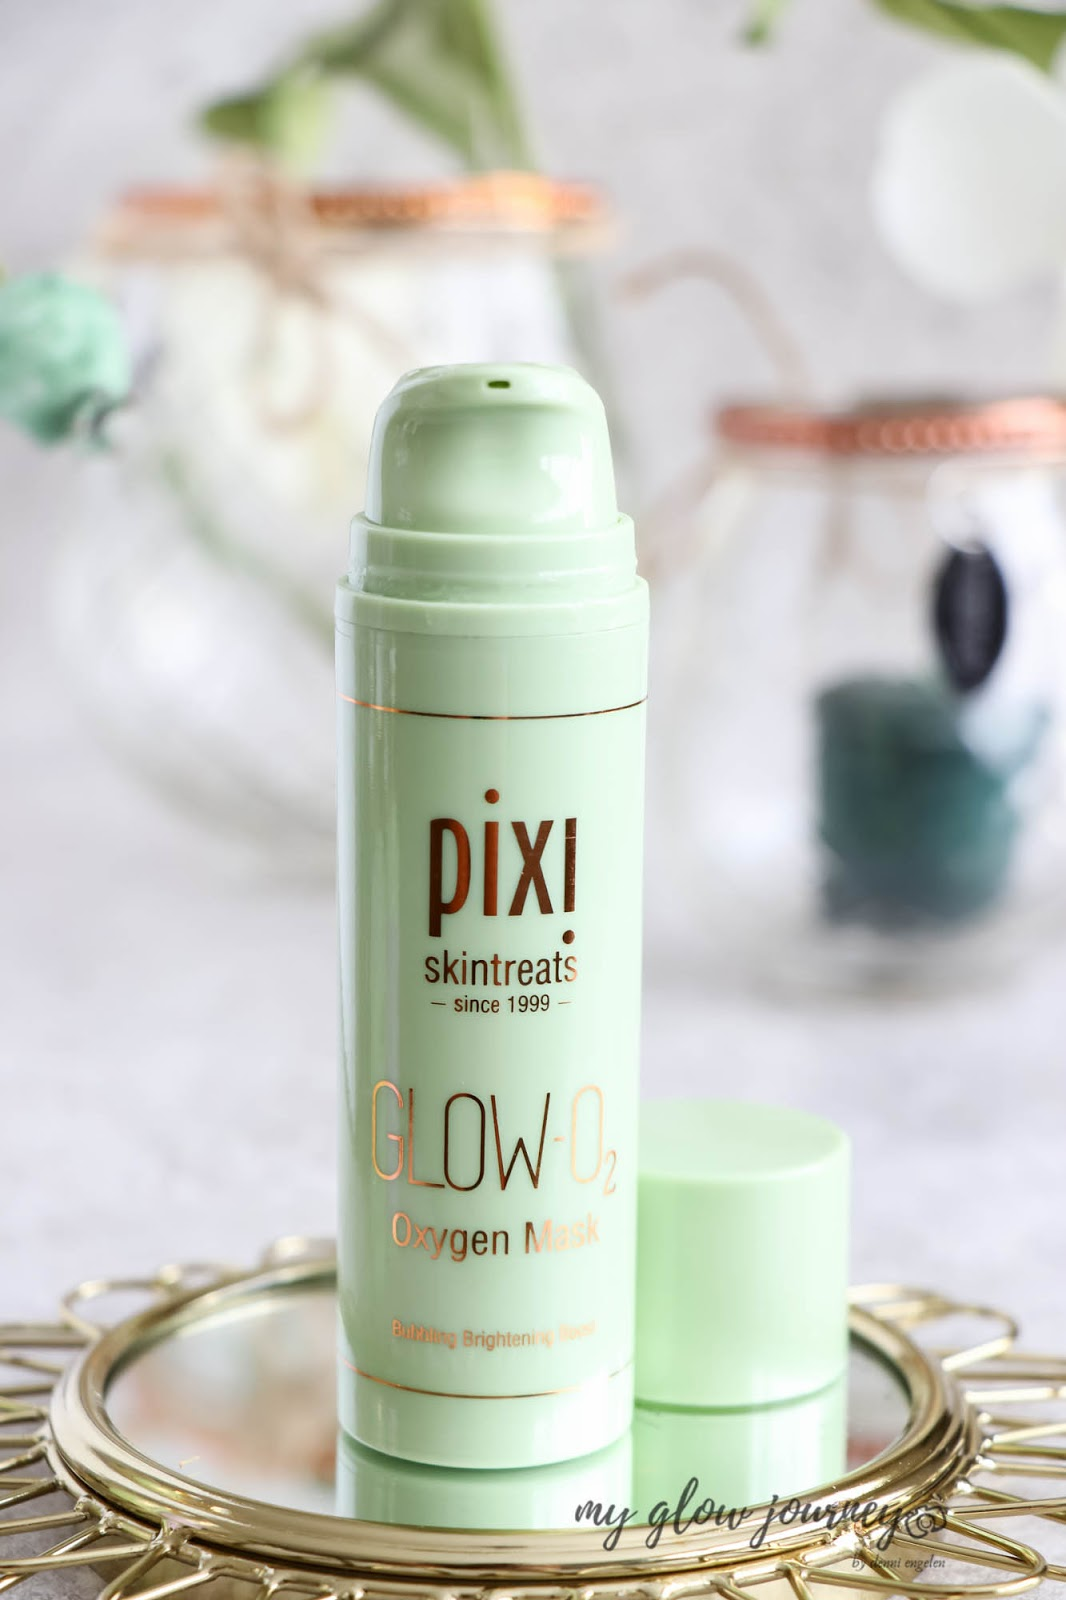 Pixi Skin Treats